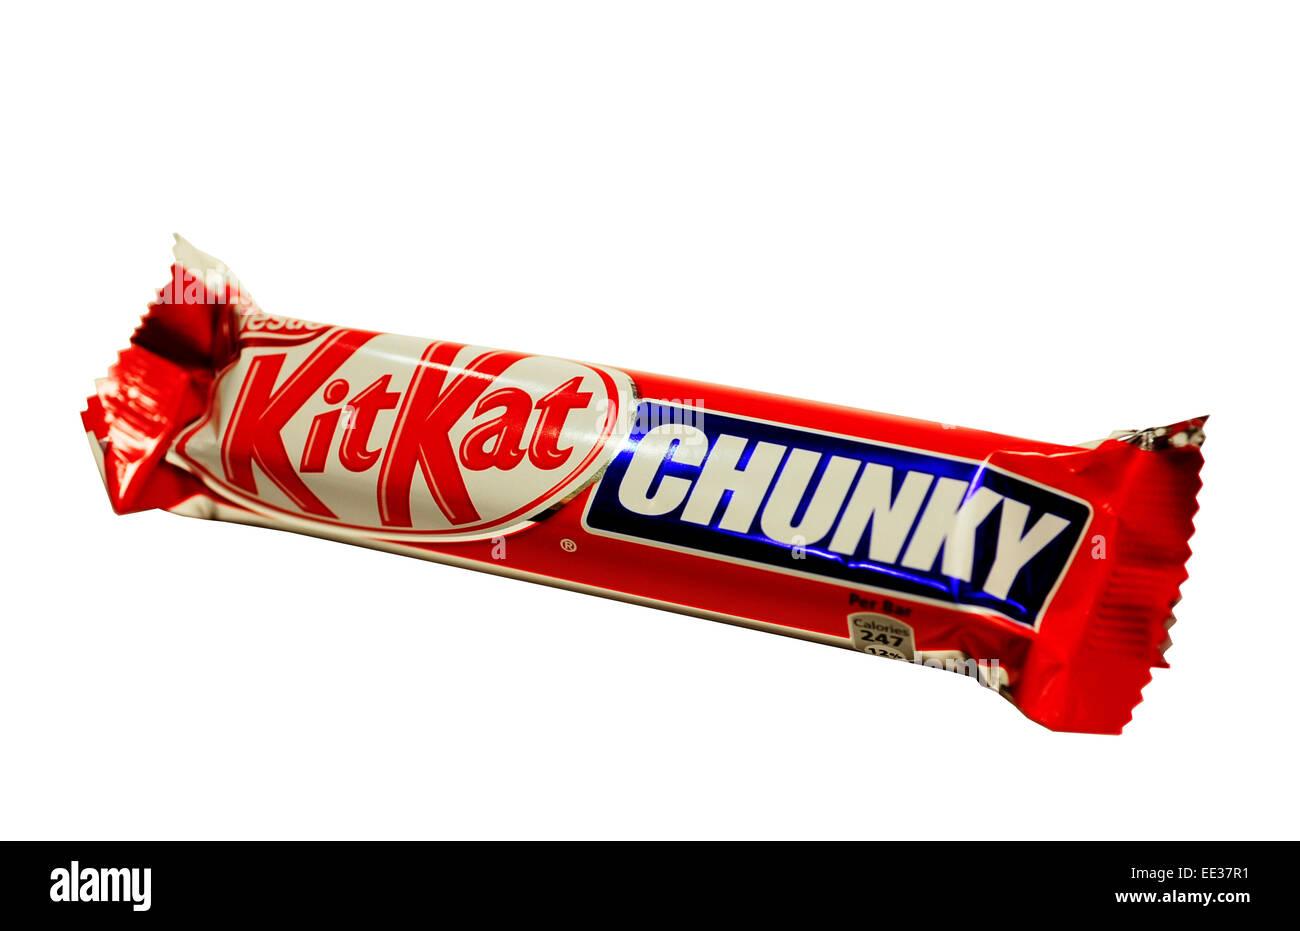 Close-up of a Kit Kat Chunky - Stock Image